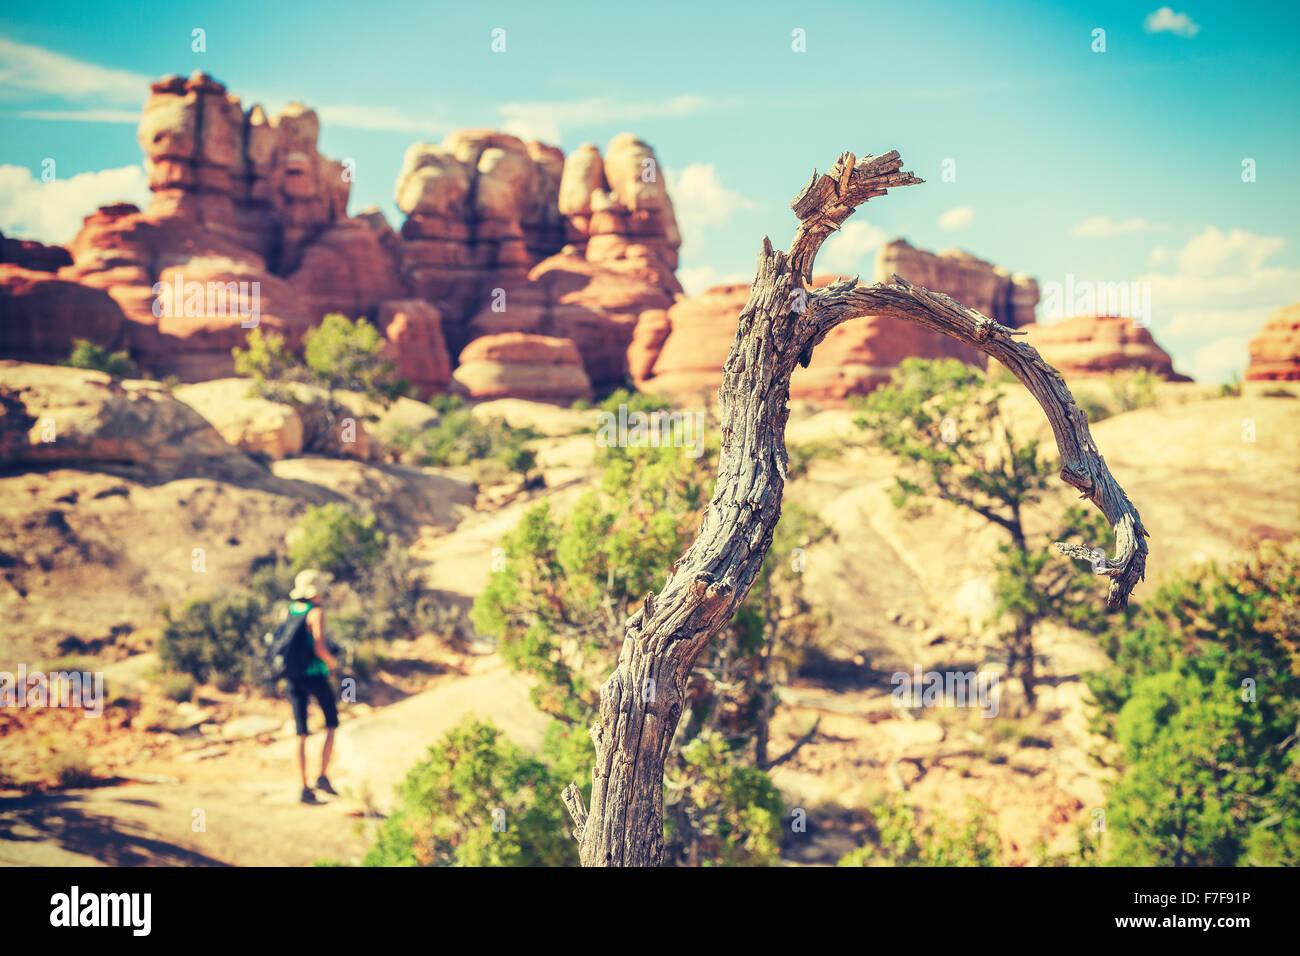 Alter Film stilisiert trockenen Baum trekking Trail, geringe Schärfentiefe. Stockbild